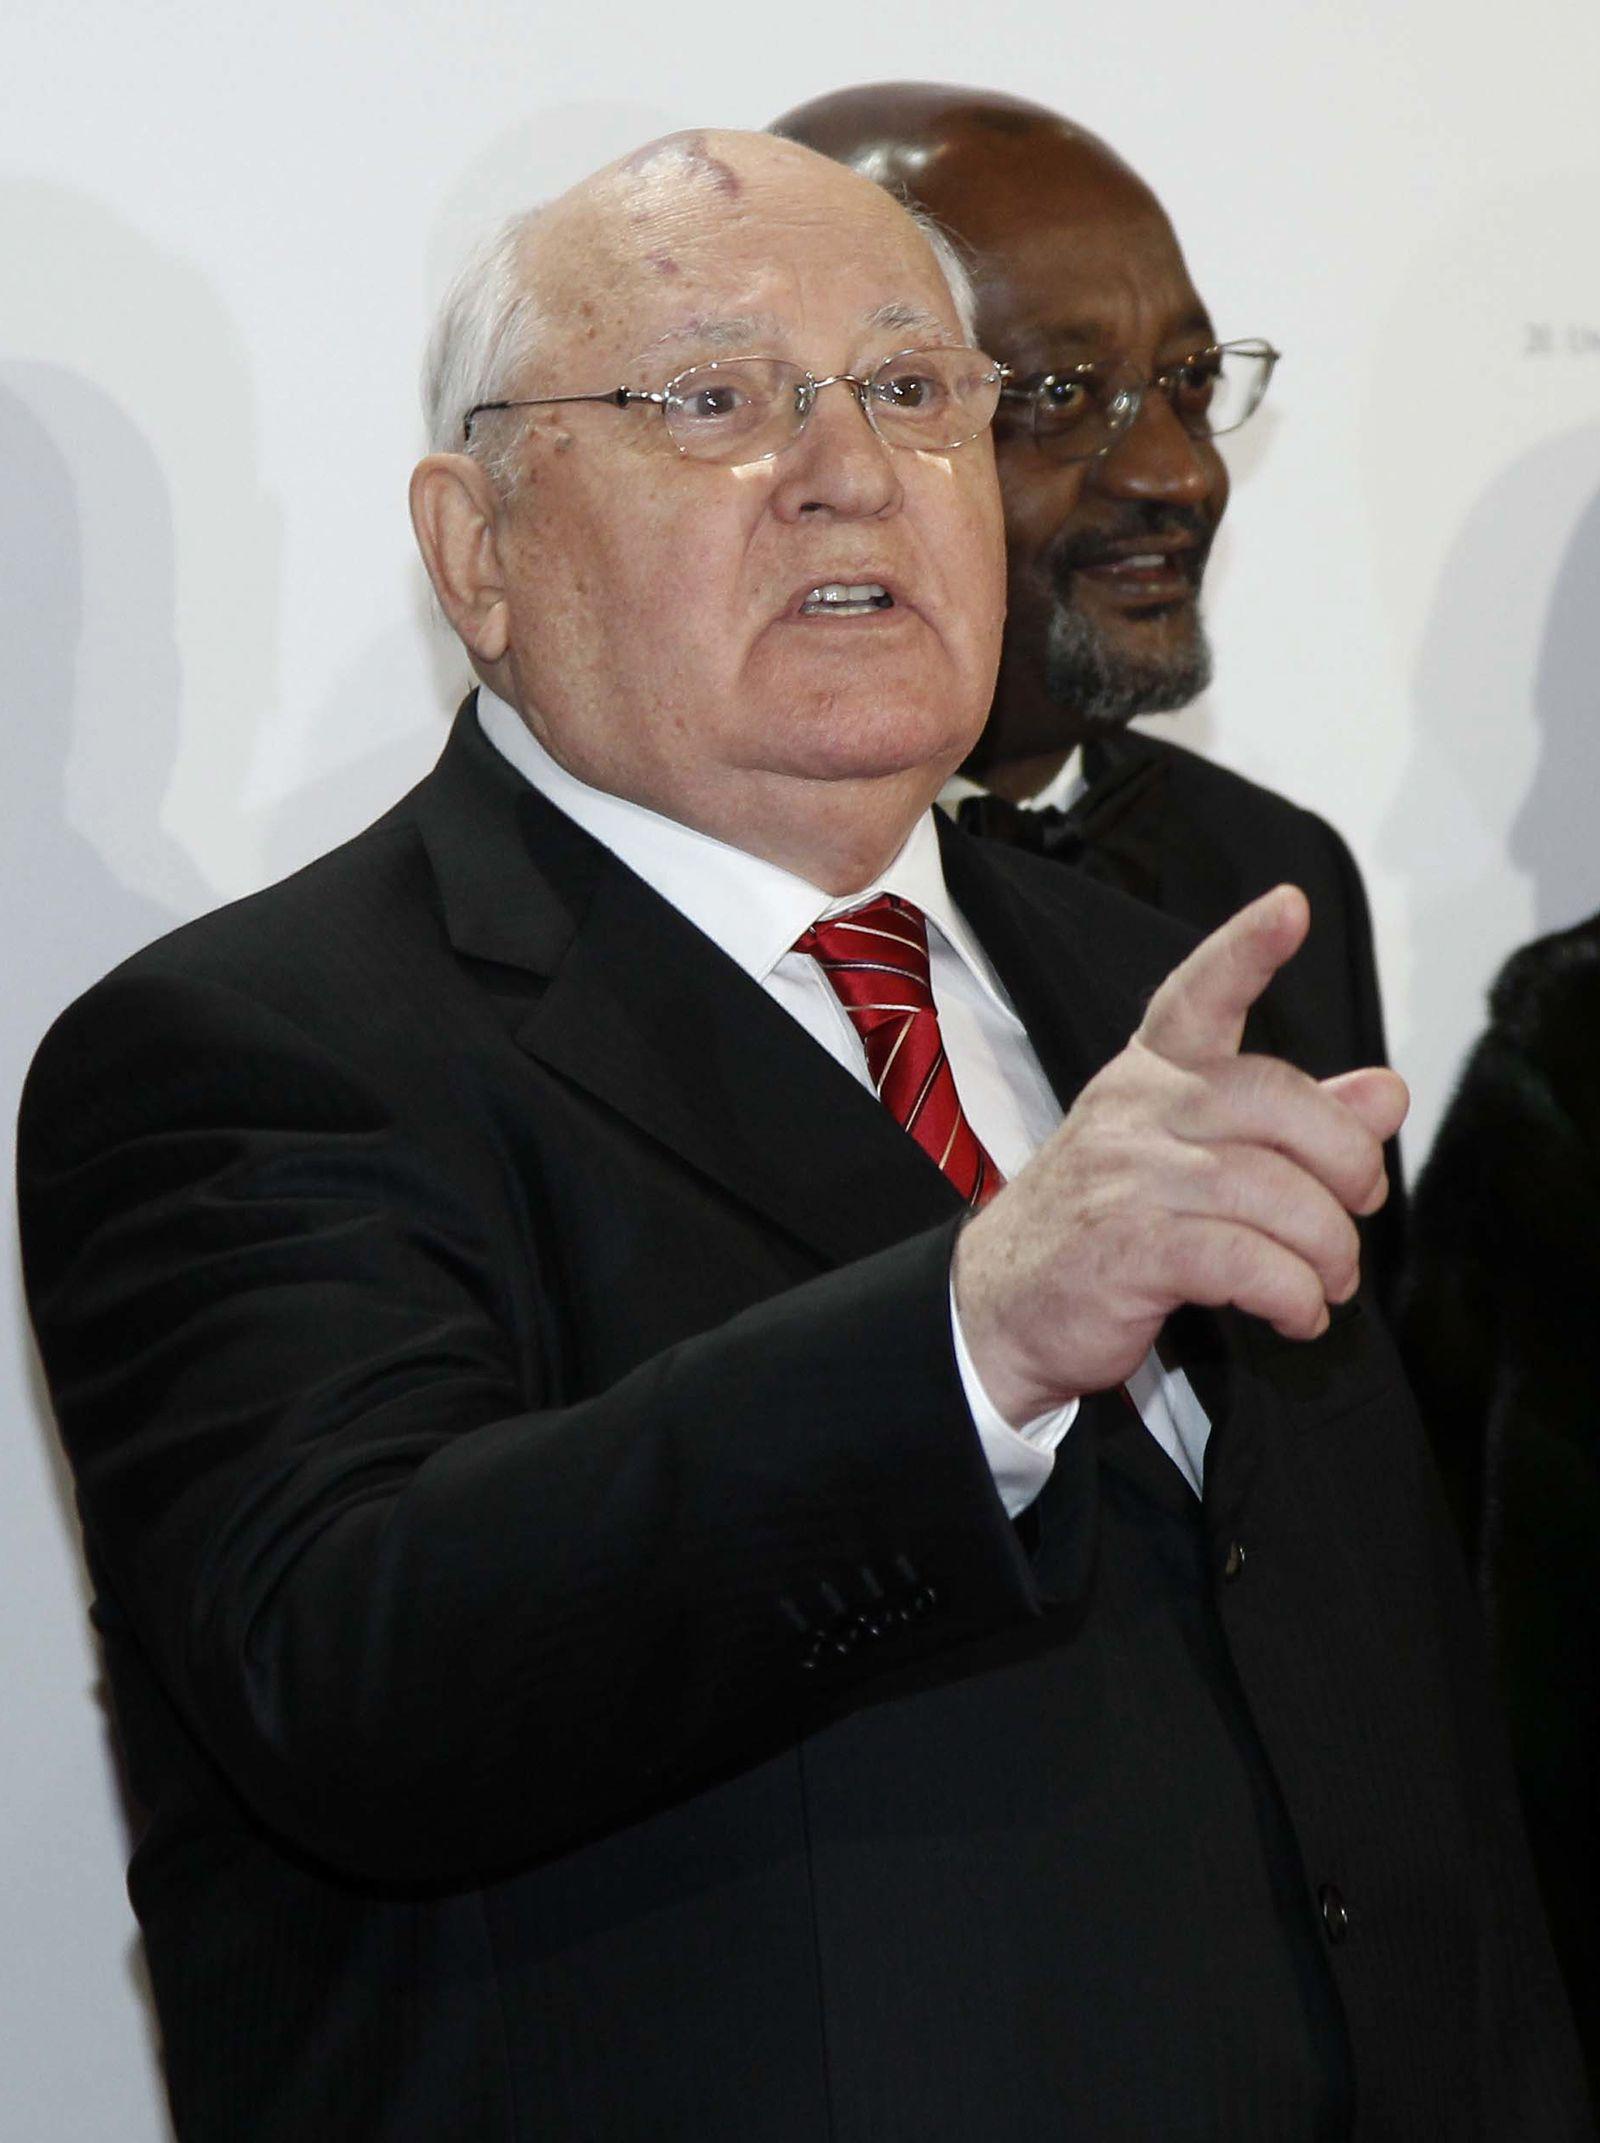 NICHT VERWENDEN gorbatschow hebt den finger